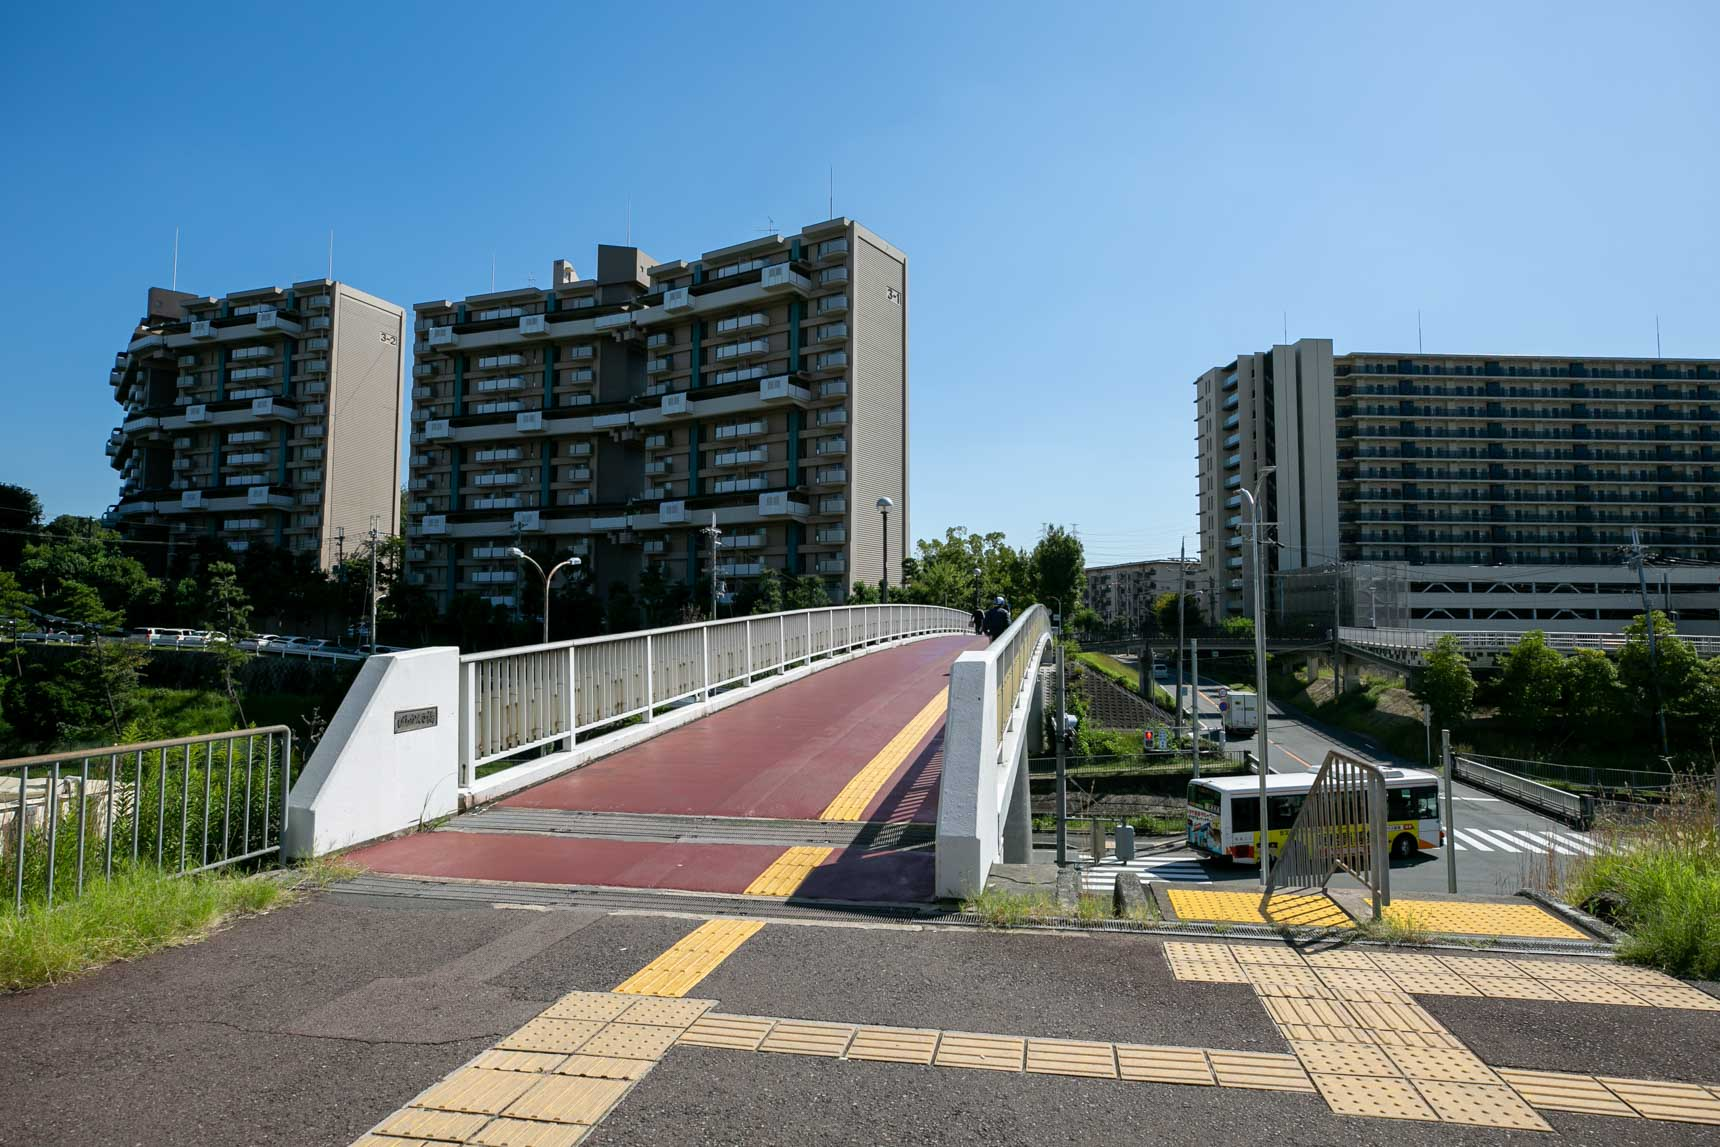 駅前のエリアから、この橋を渡って多くの集合住宅が立地する住宅街エリアへ